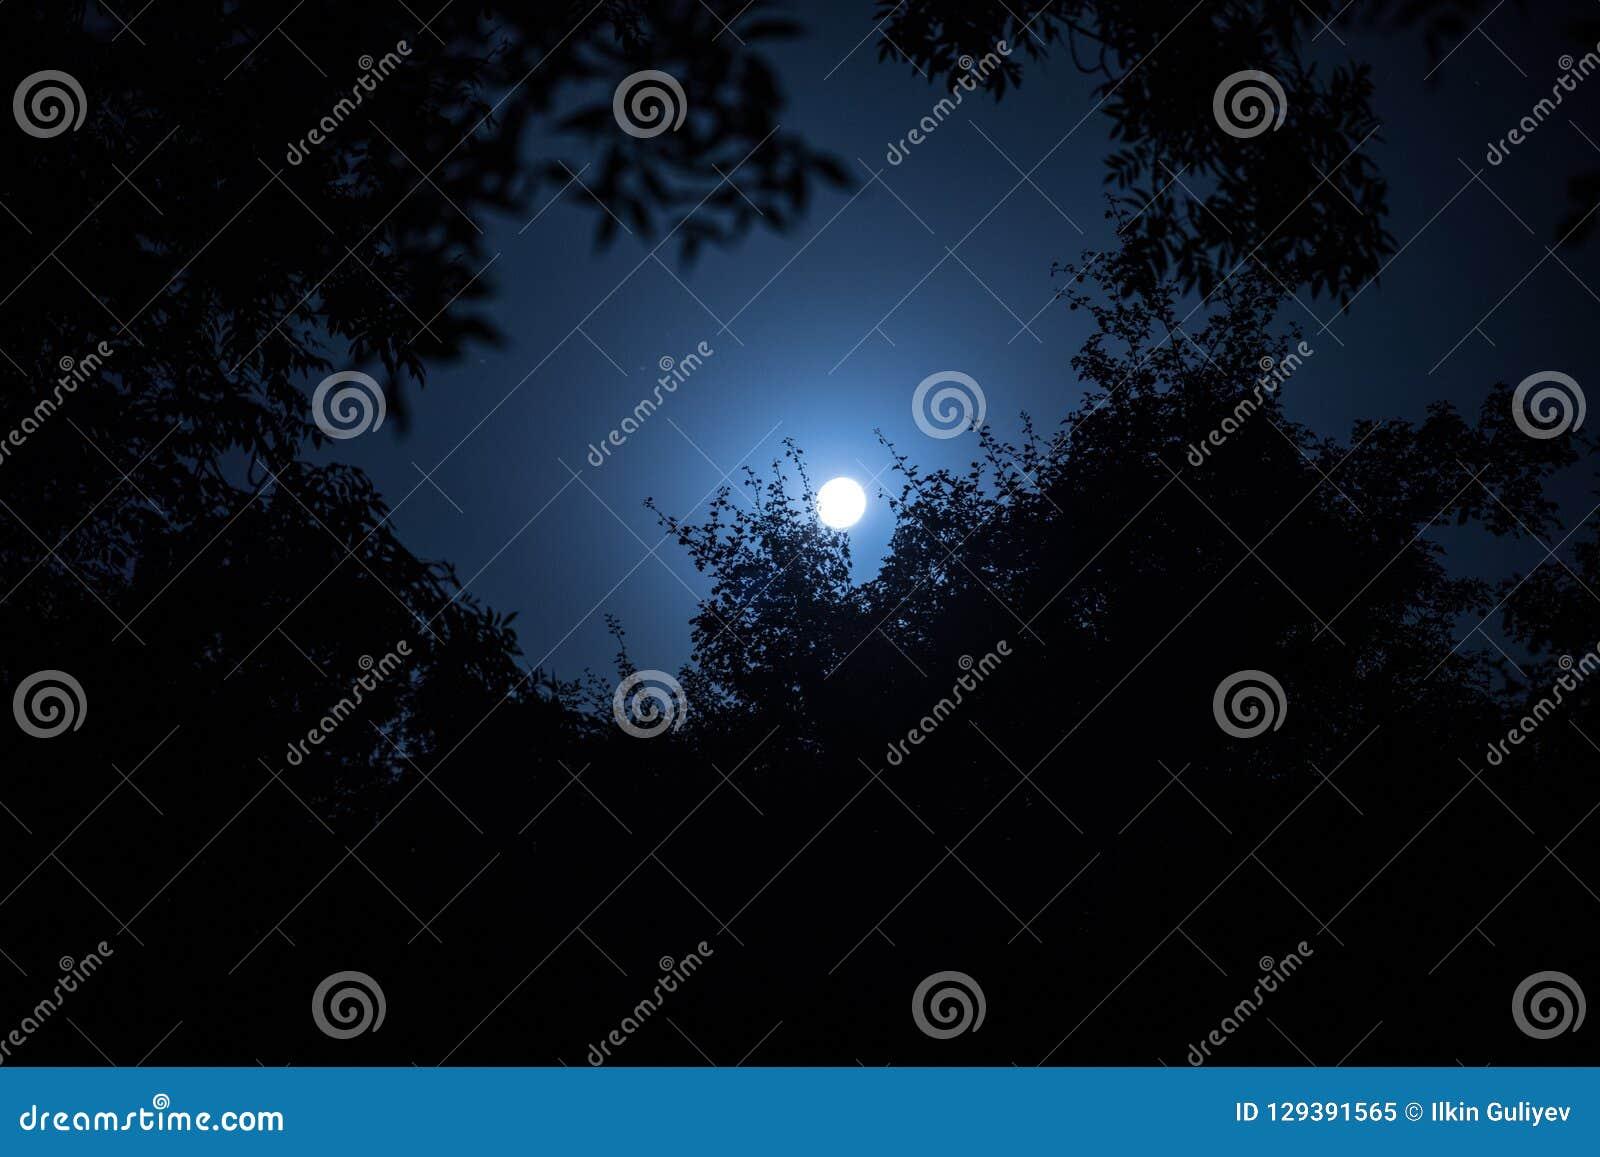 Ландшафт ночи неба и супер луны с ярким лунным светом за силуэтом ветви дерева Предпосылка природы спокойствия outdoors